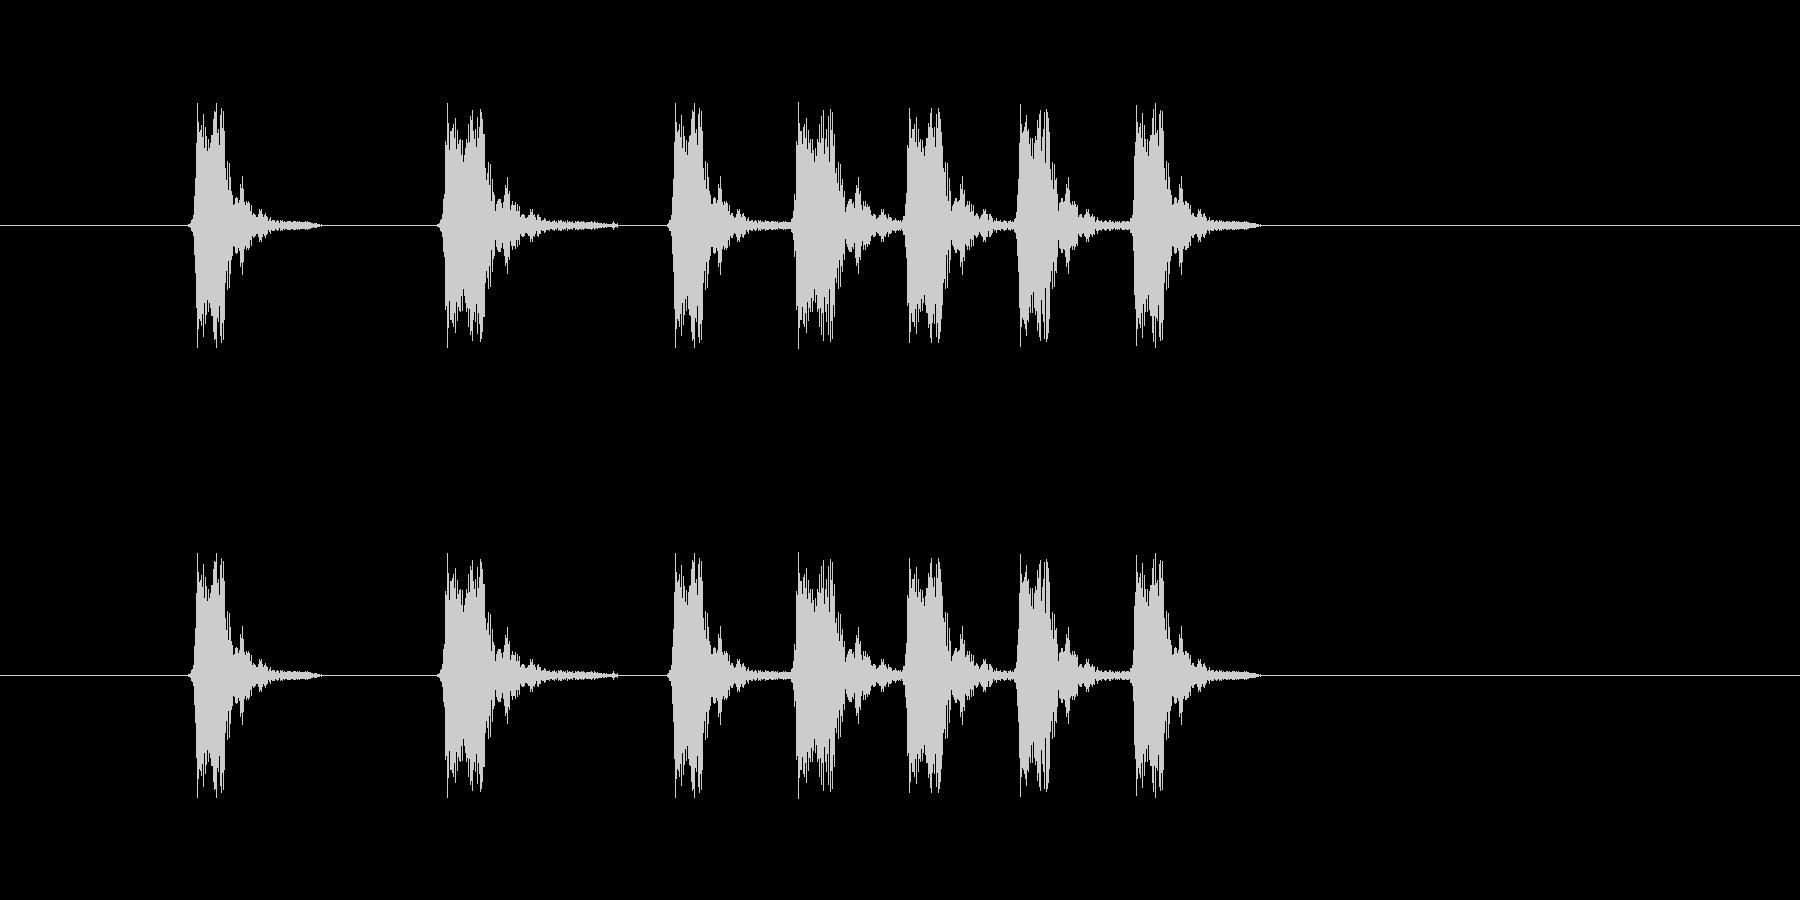 パッペパペパ(コミカル、リズム)の未再生の波形